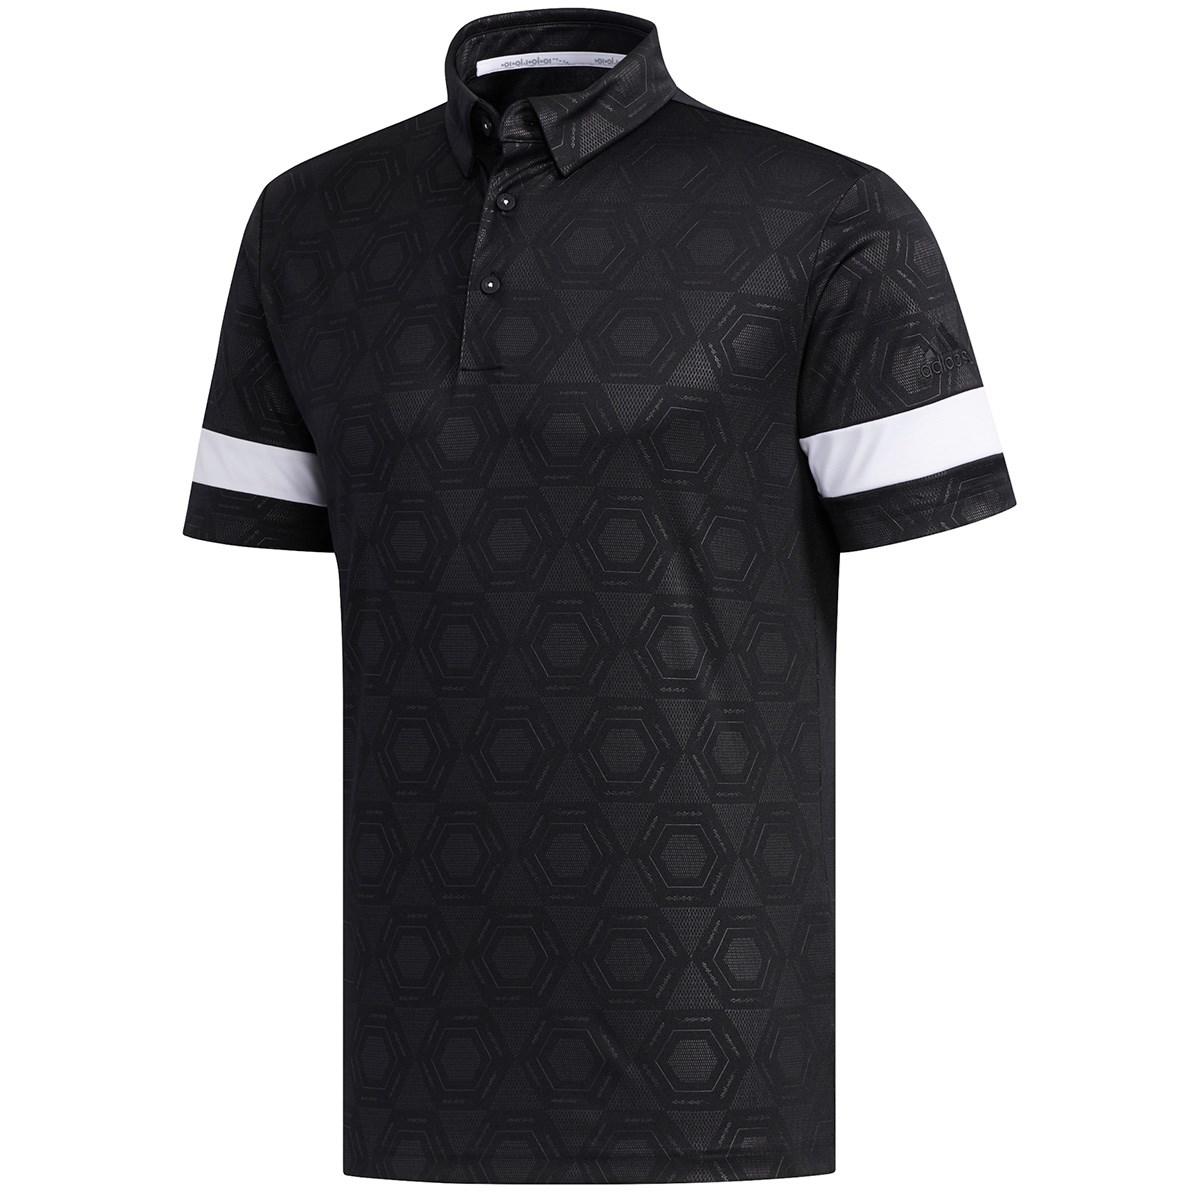 アディダス(adidas) ヘキサゴンエンボスプリント 半袖ポロシャツ